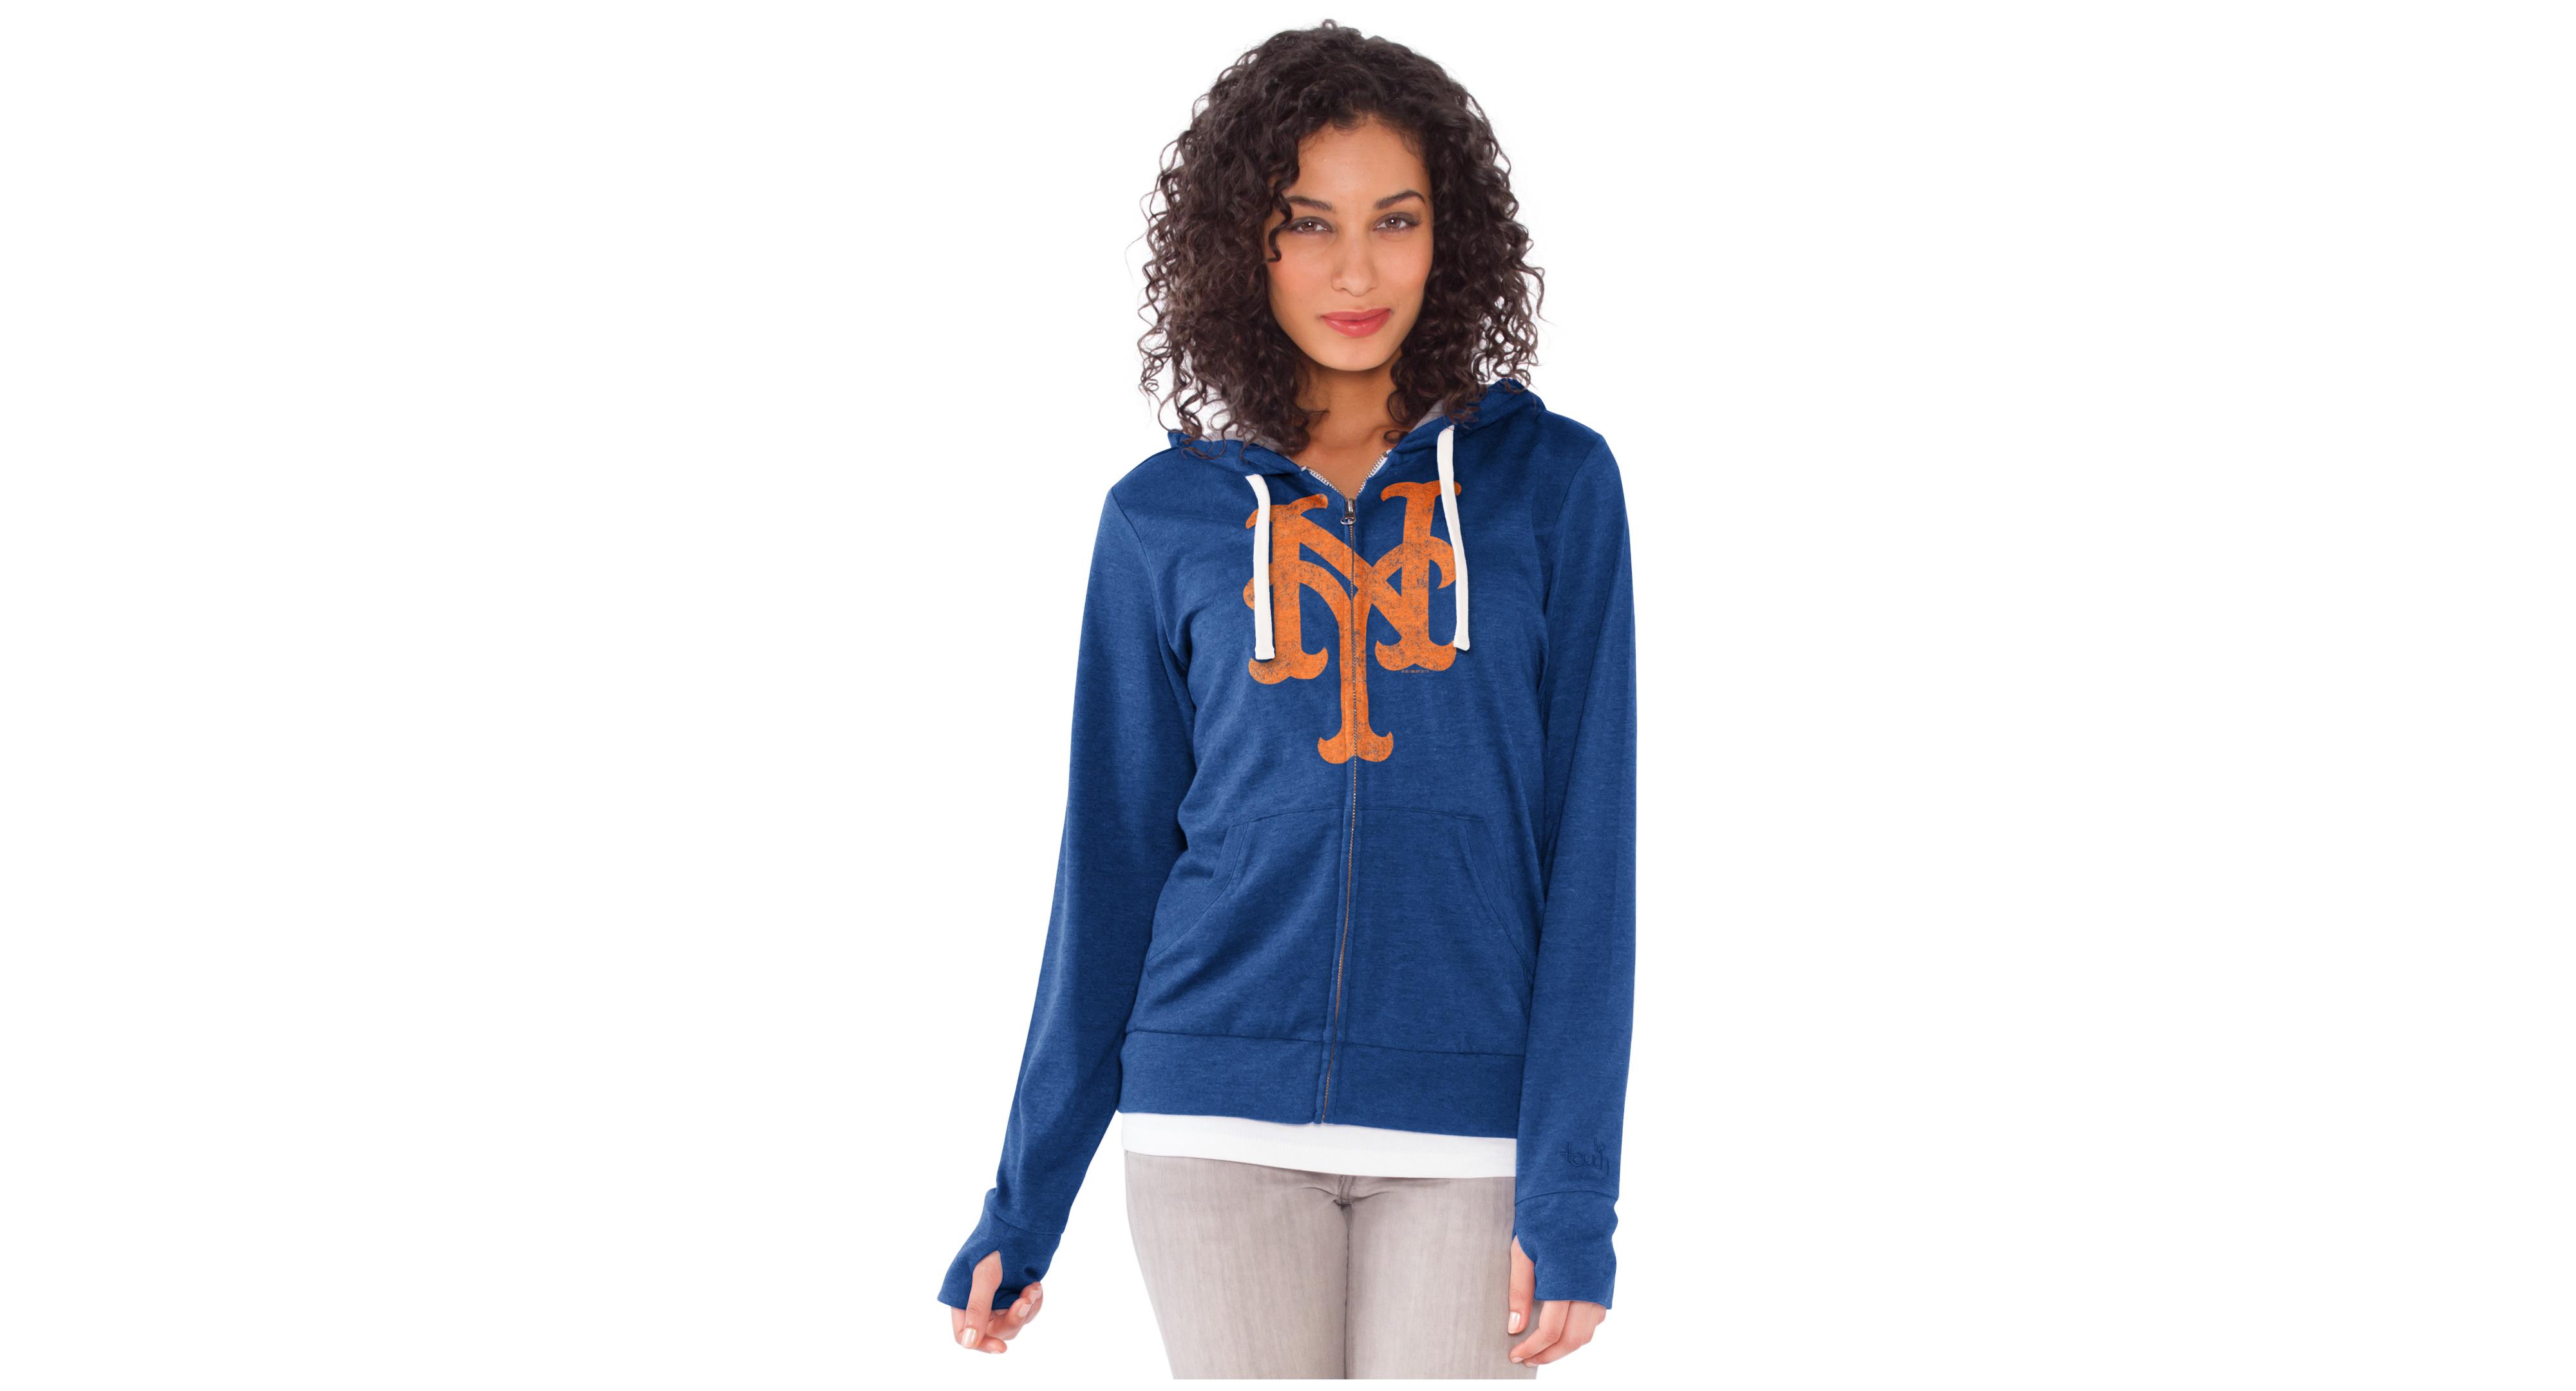 online retailer d3f65 fecf7 G3 Sports Women's New York Mets All Star Zip-Up Hoodie ...